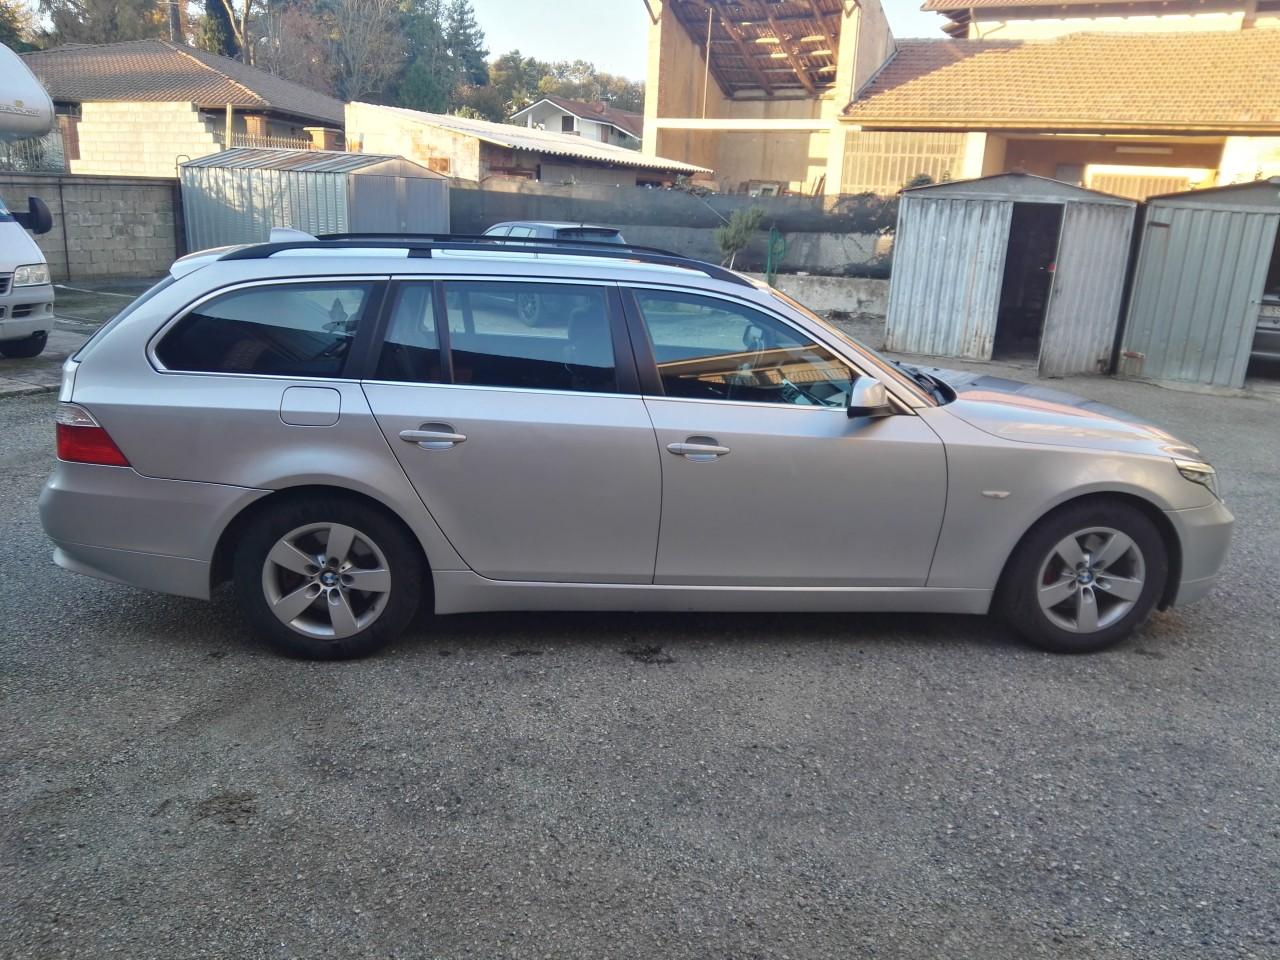 BMW 520 2000 td 2009